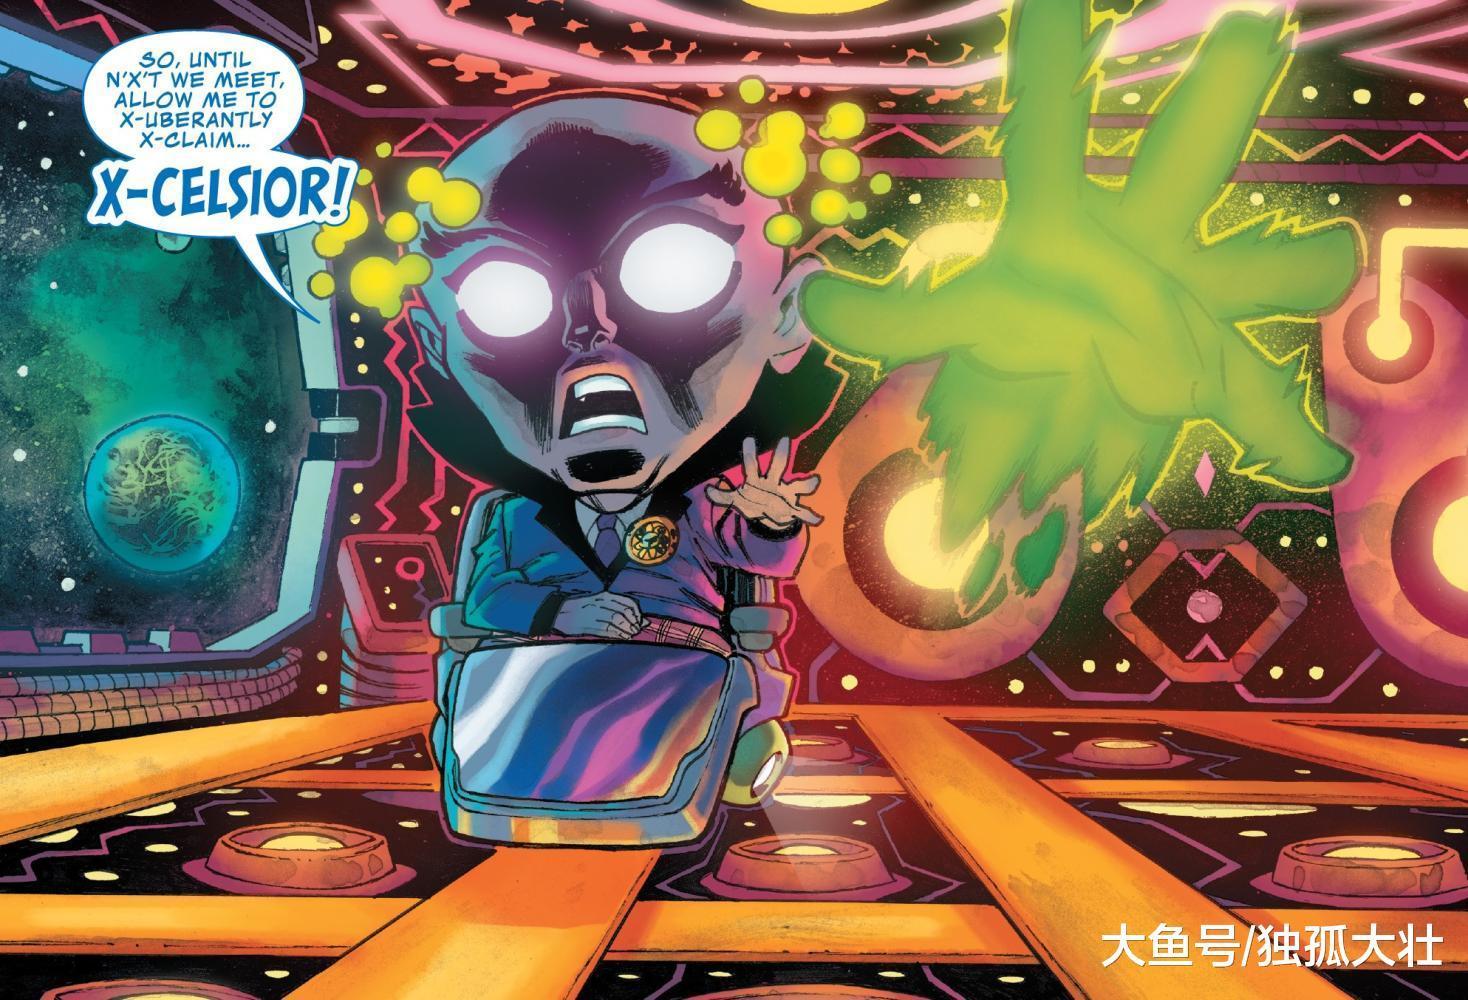 《无限战争》神奇二侠终于登场, 黑寡妇变身无敌浩克!